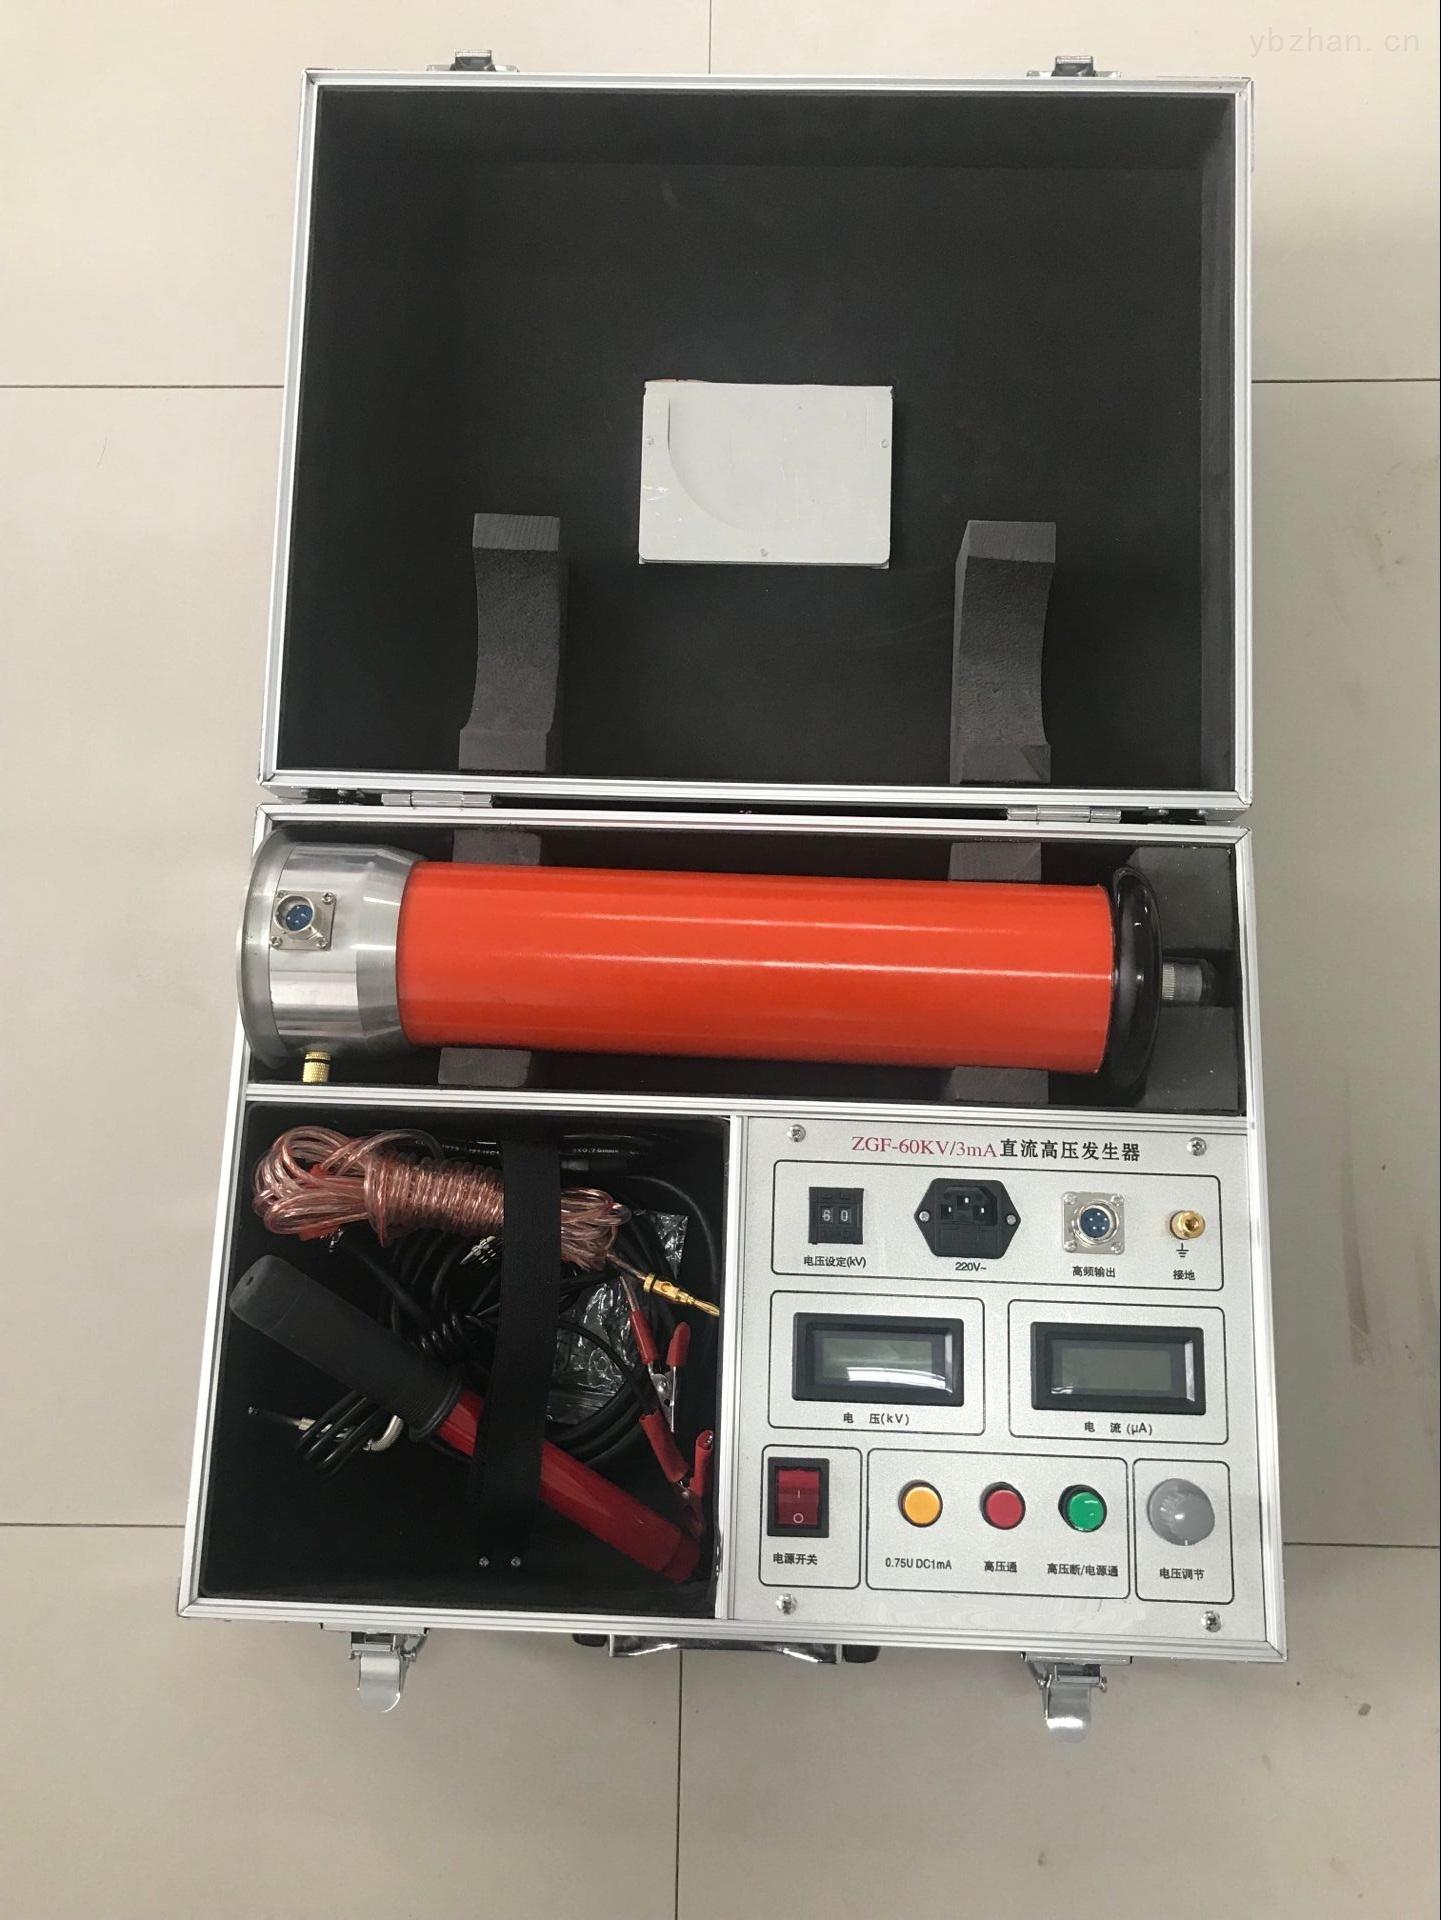 JY300kV5mA直流高压发生器